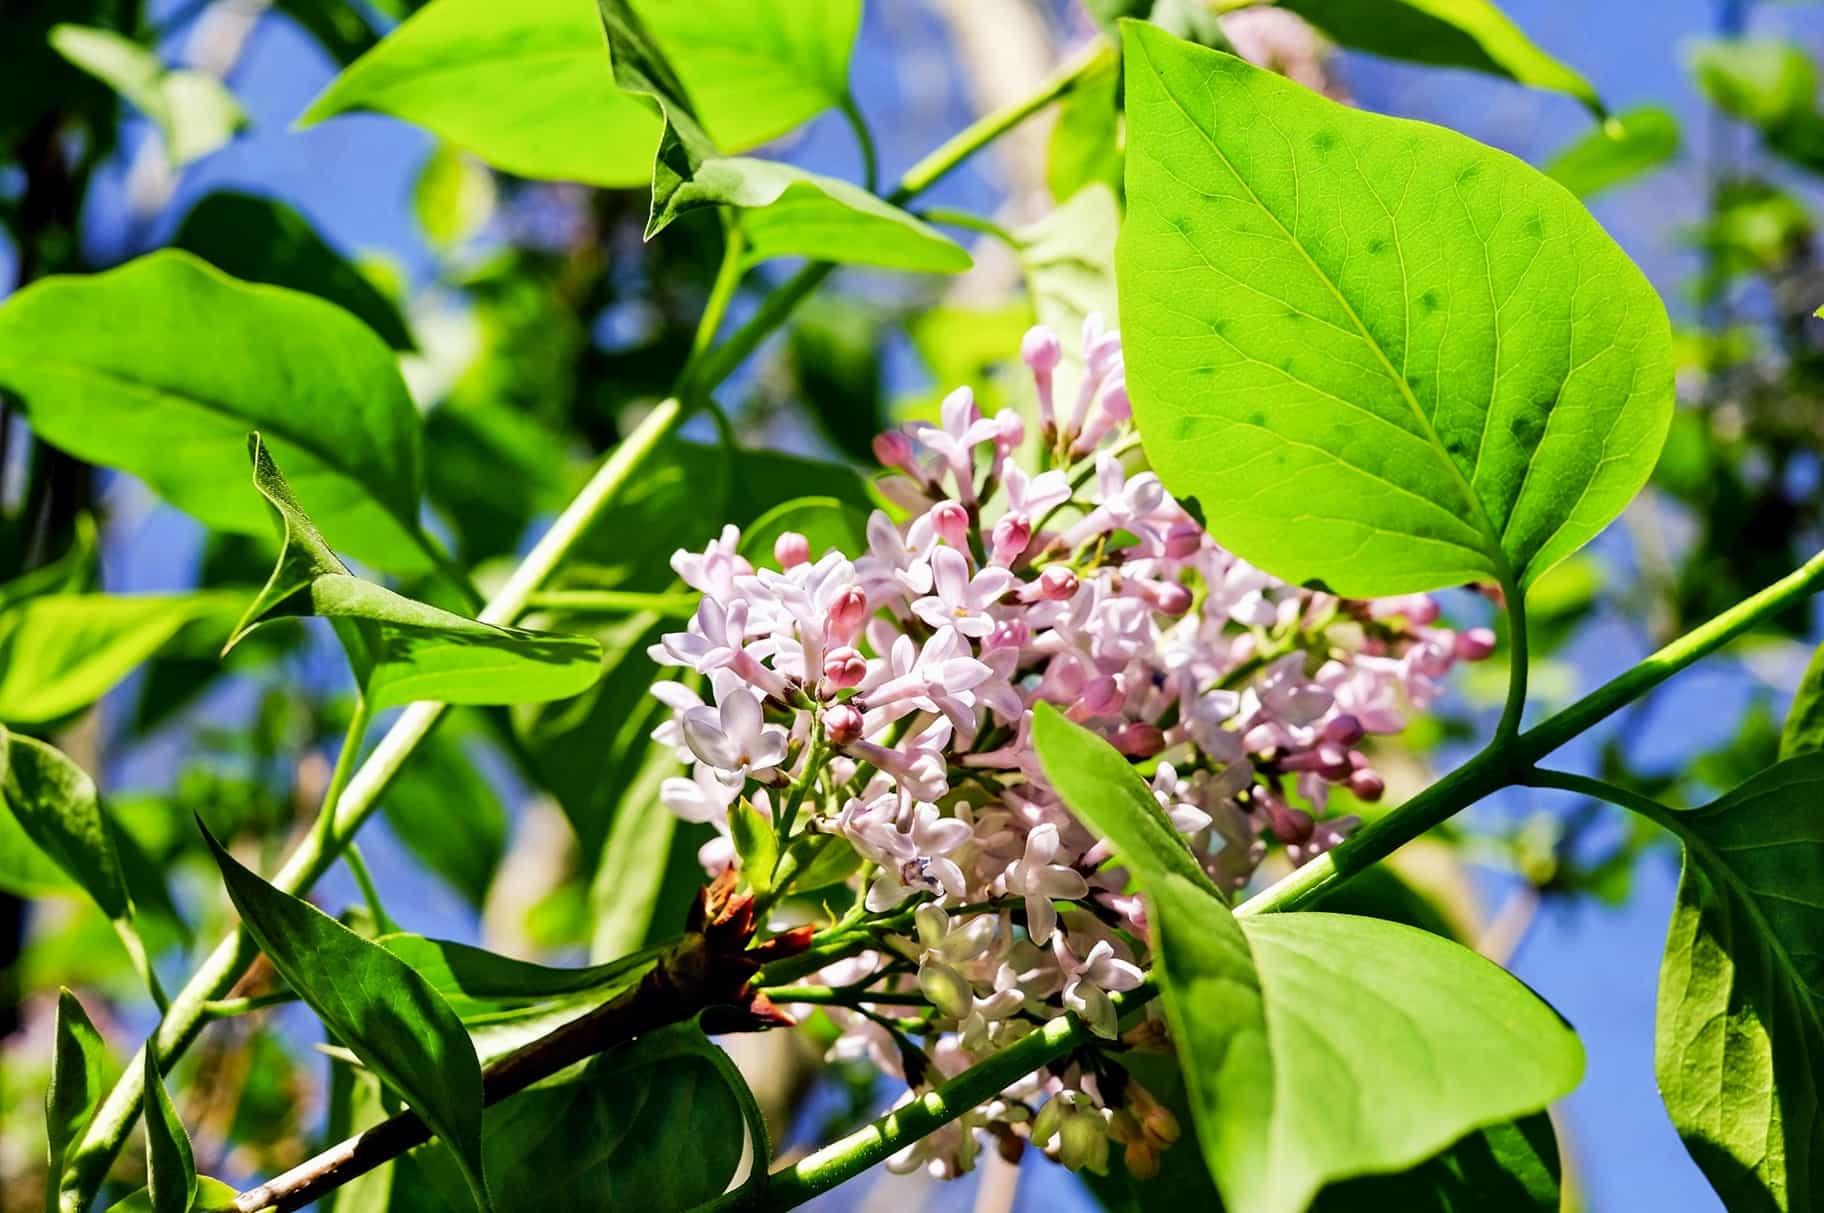 Kostenlose Bild Strauch Pflanzen Blume Blatt Sommer Garten